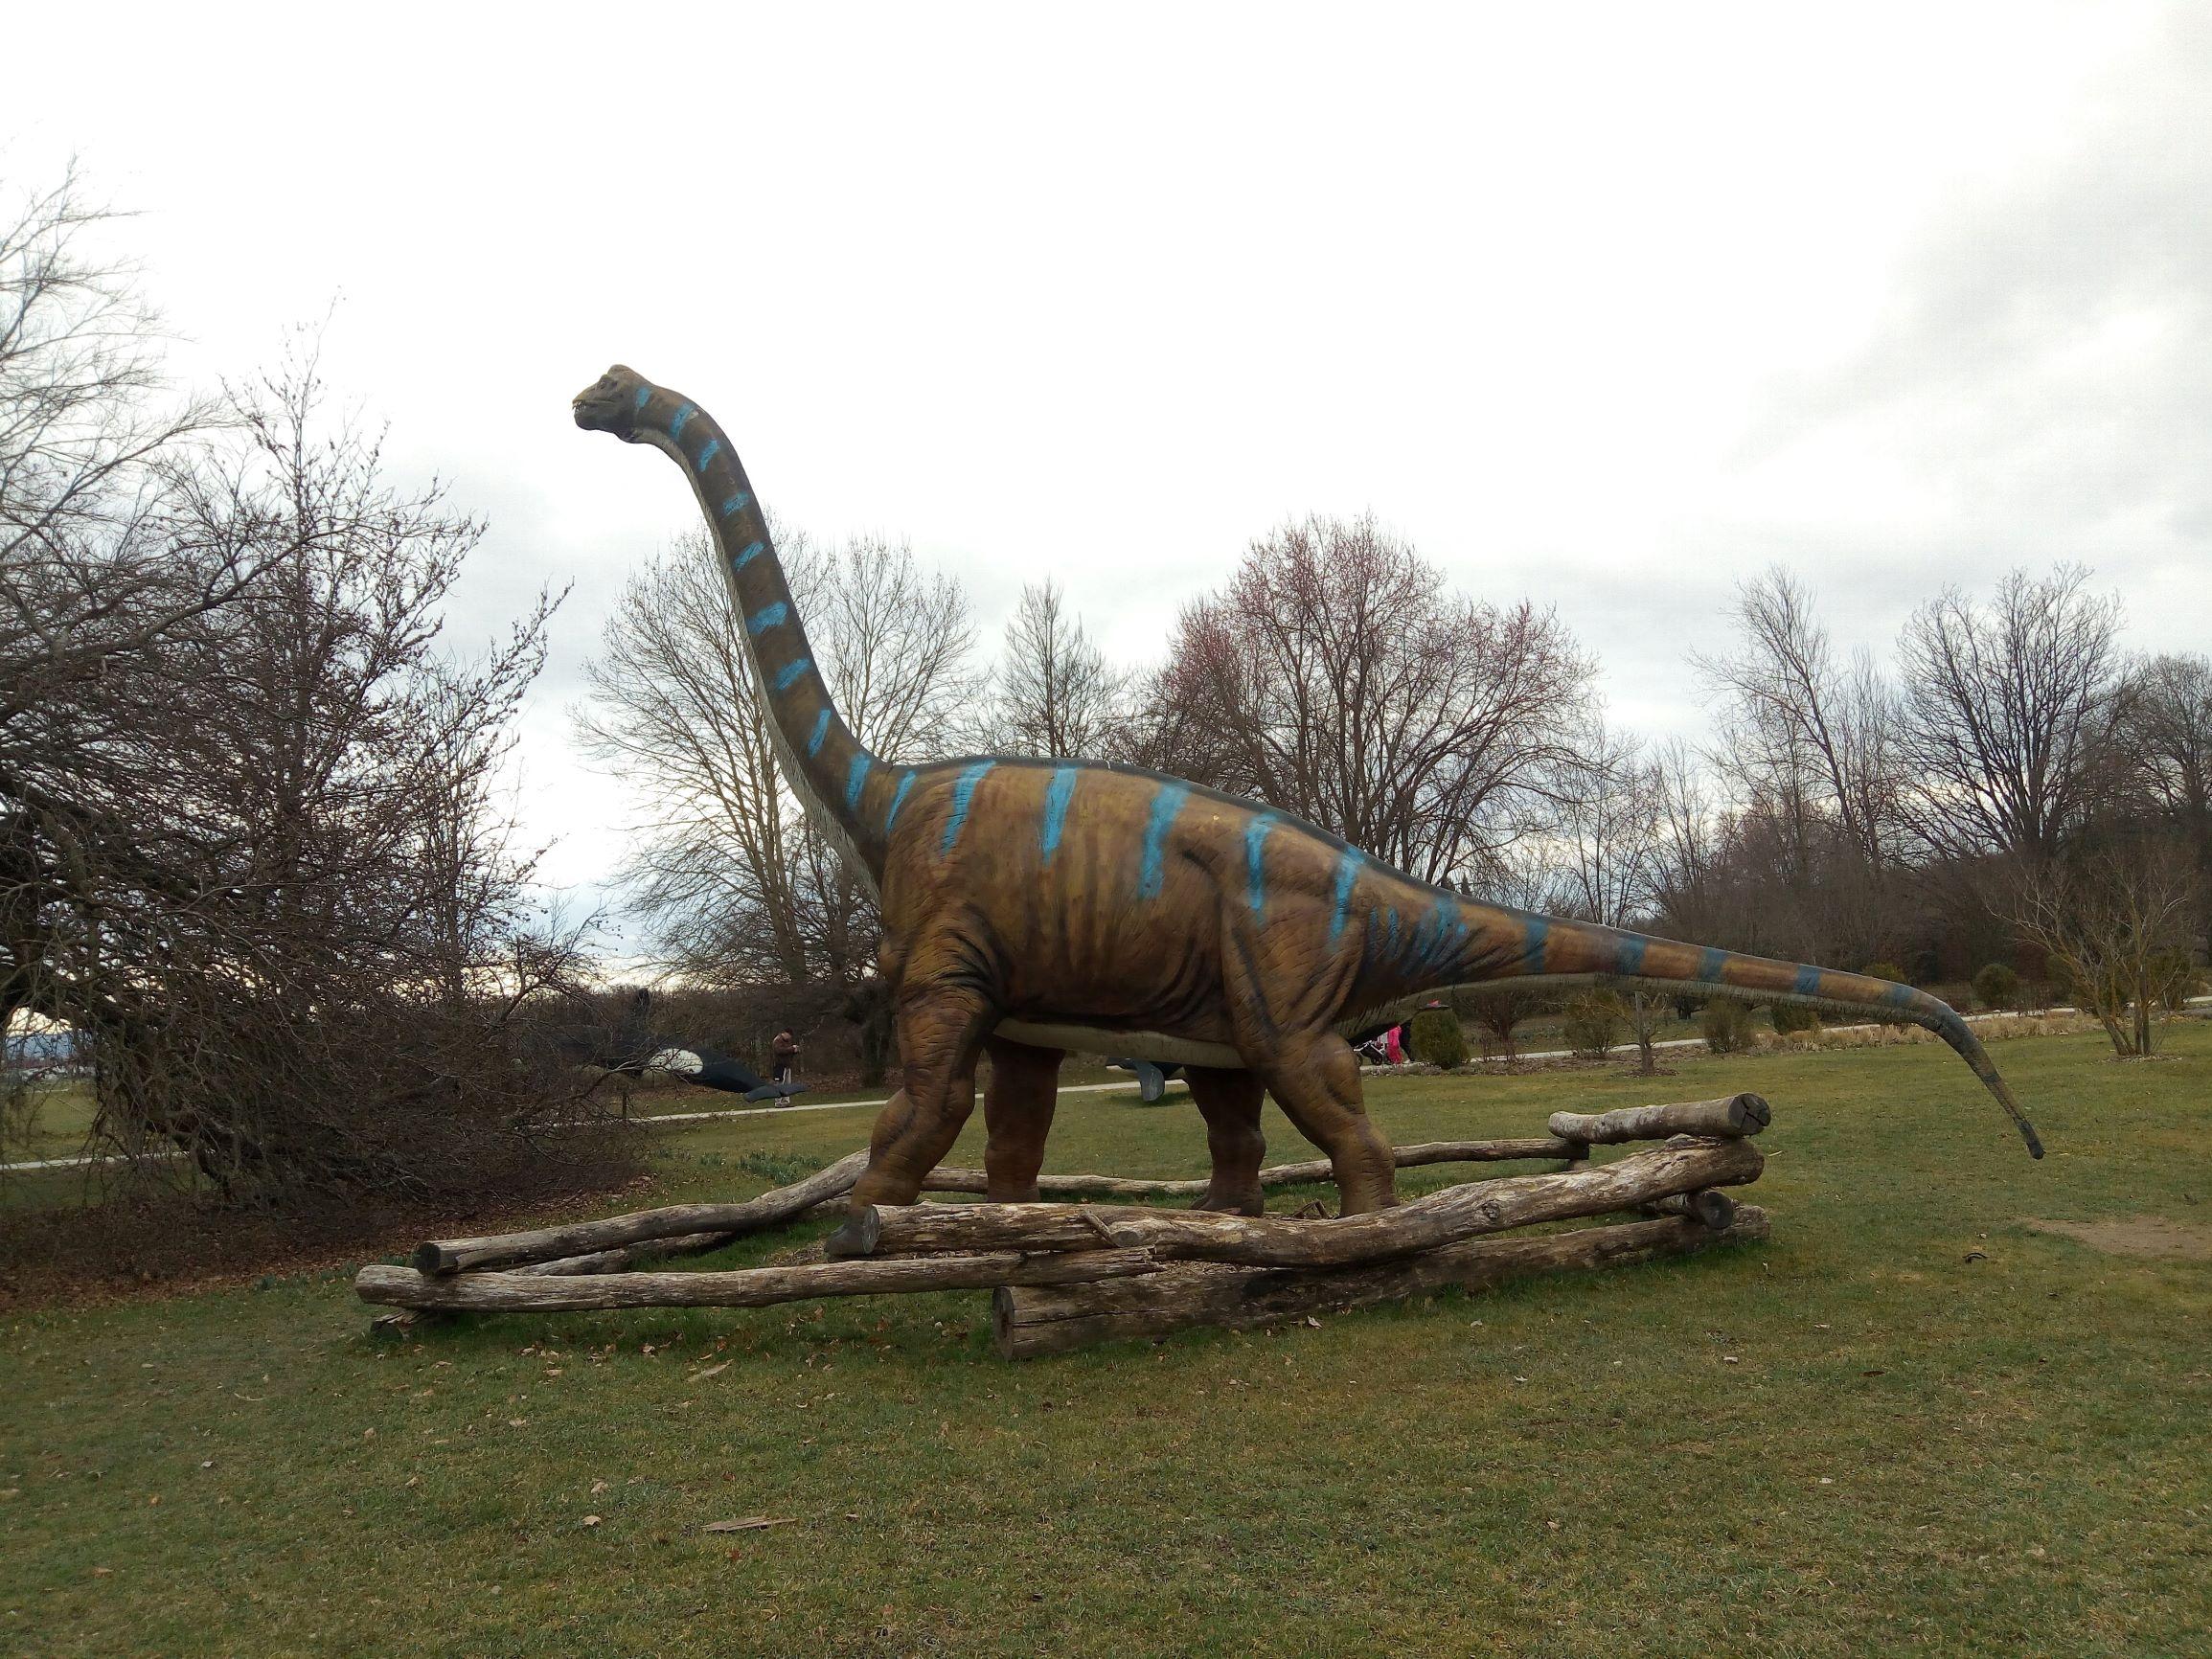 dinosair in Alboretum Volcji potok